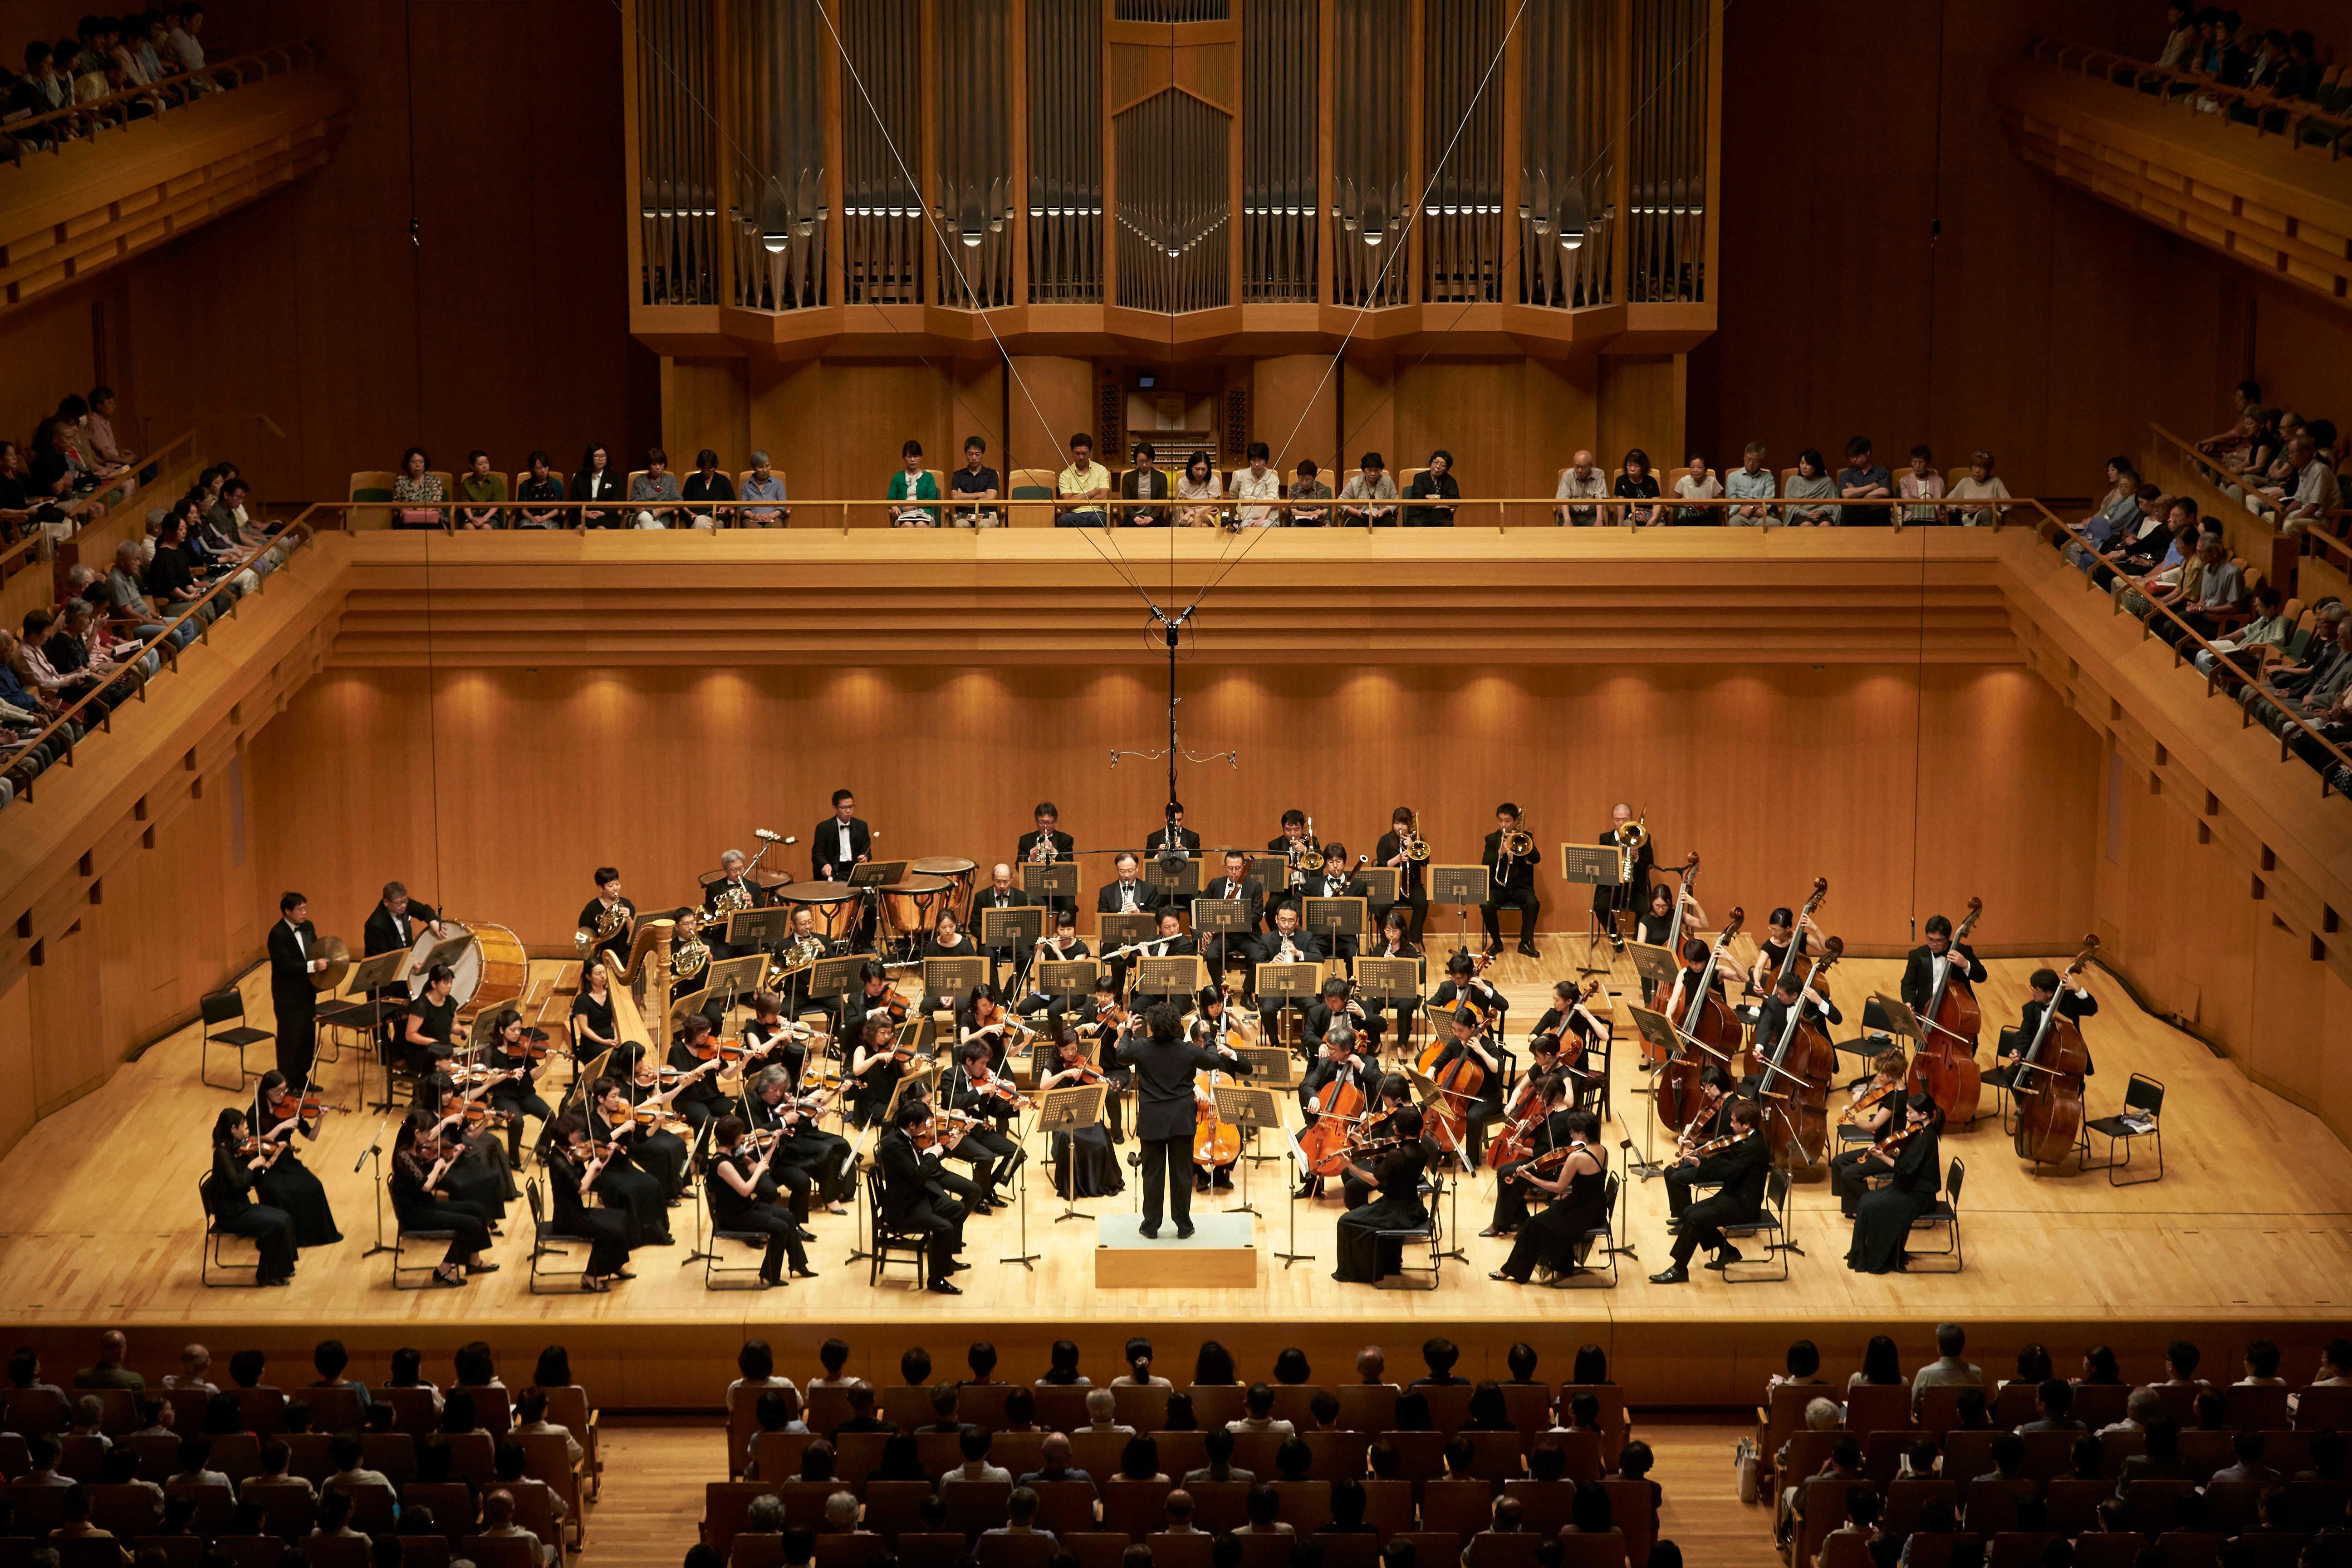 ロッシーニとベートーヴェン、ほとんど同じ編成からまったく違う音楽を紡ぎ出したバッティストーニ&東京フィル (C)上野隆文